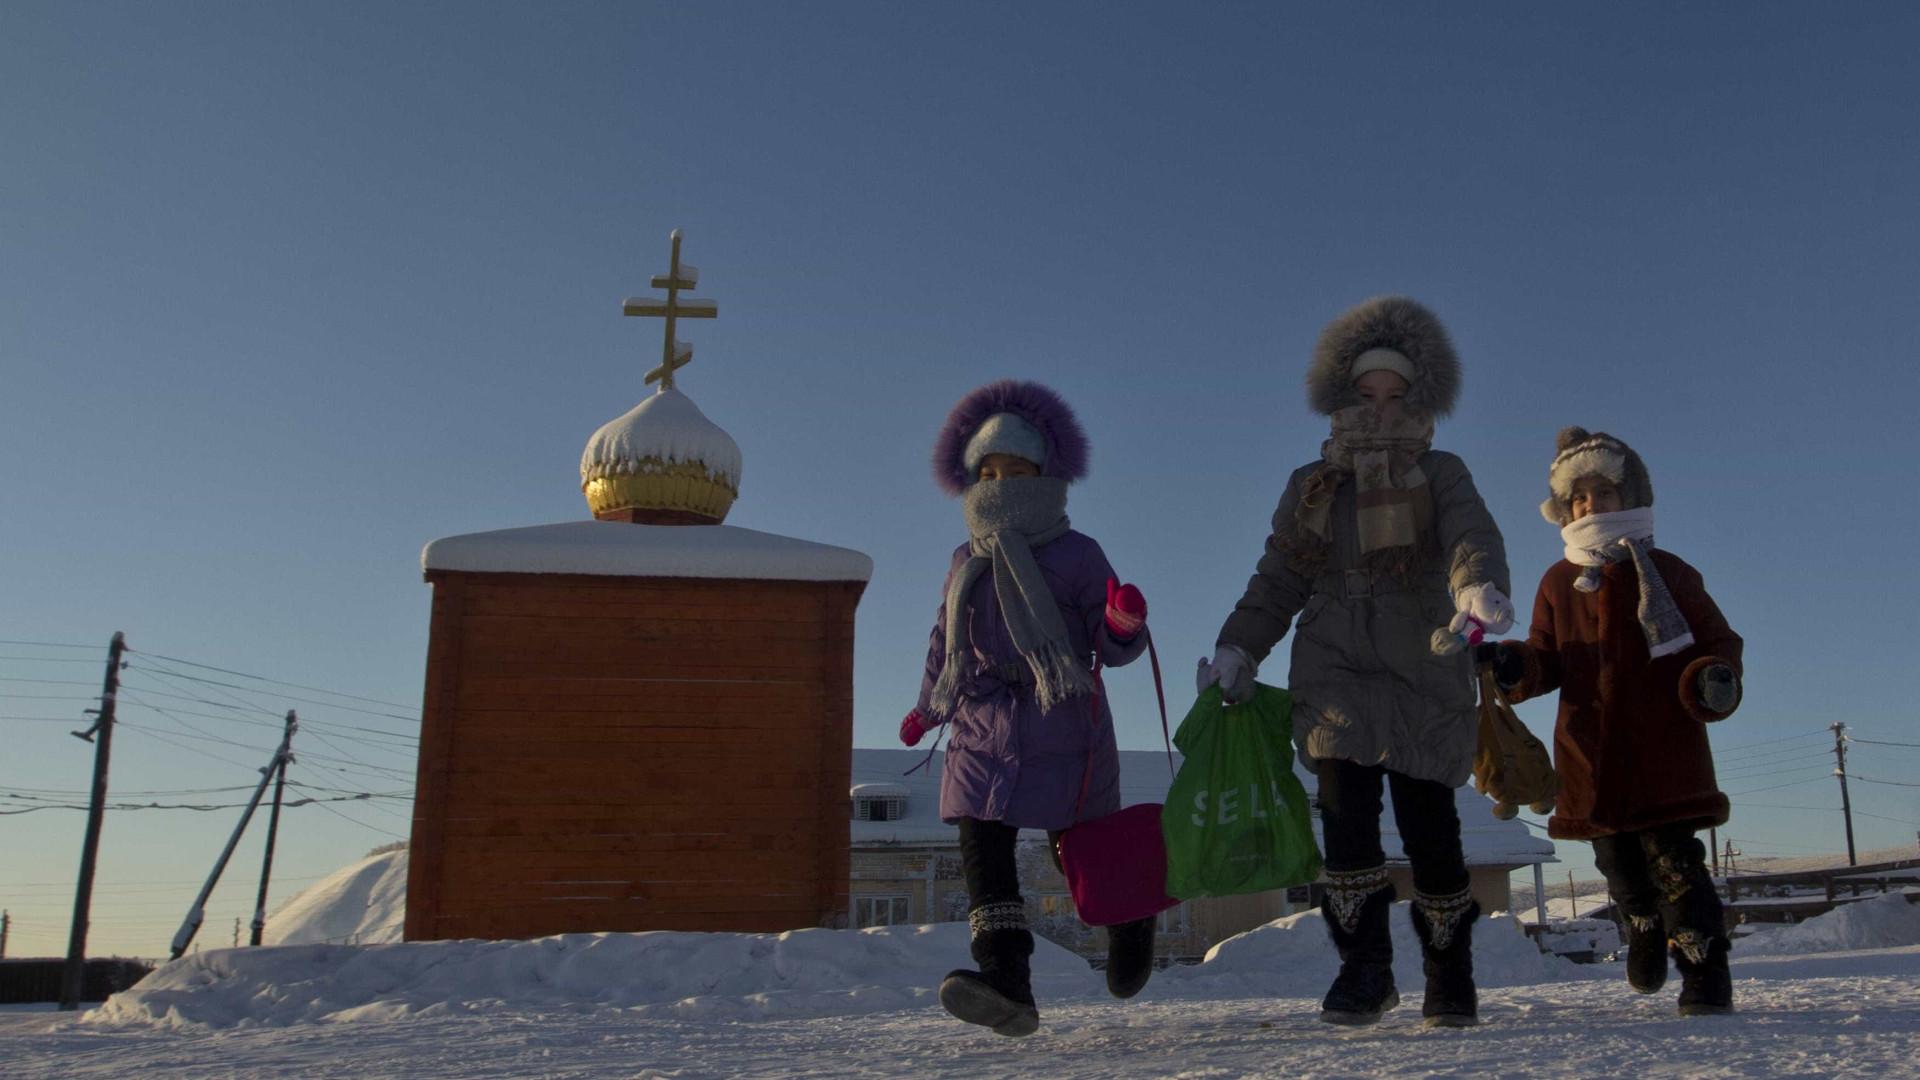 Aproveite a ida à Copa e conheça na Rússia o 'polo do frio'